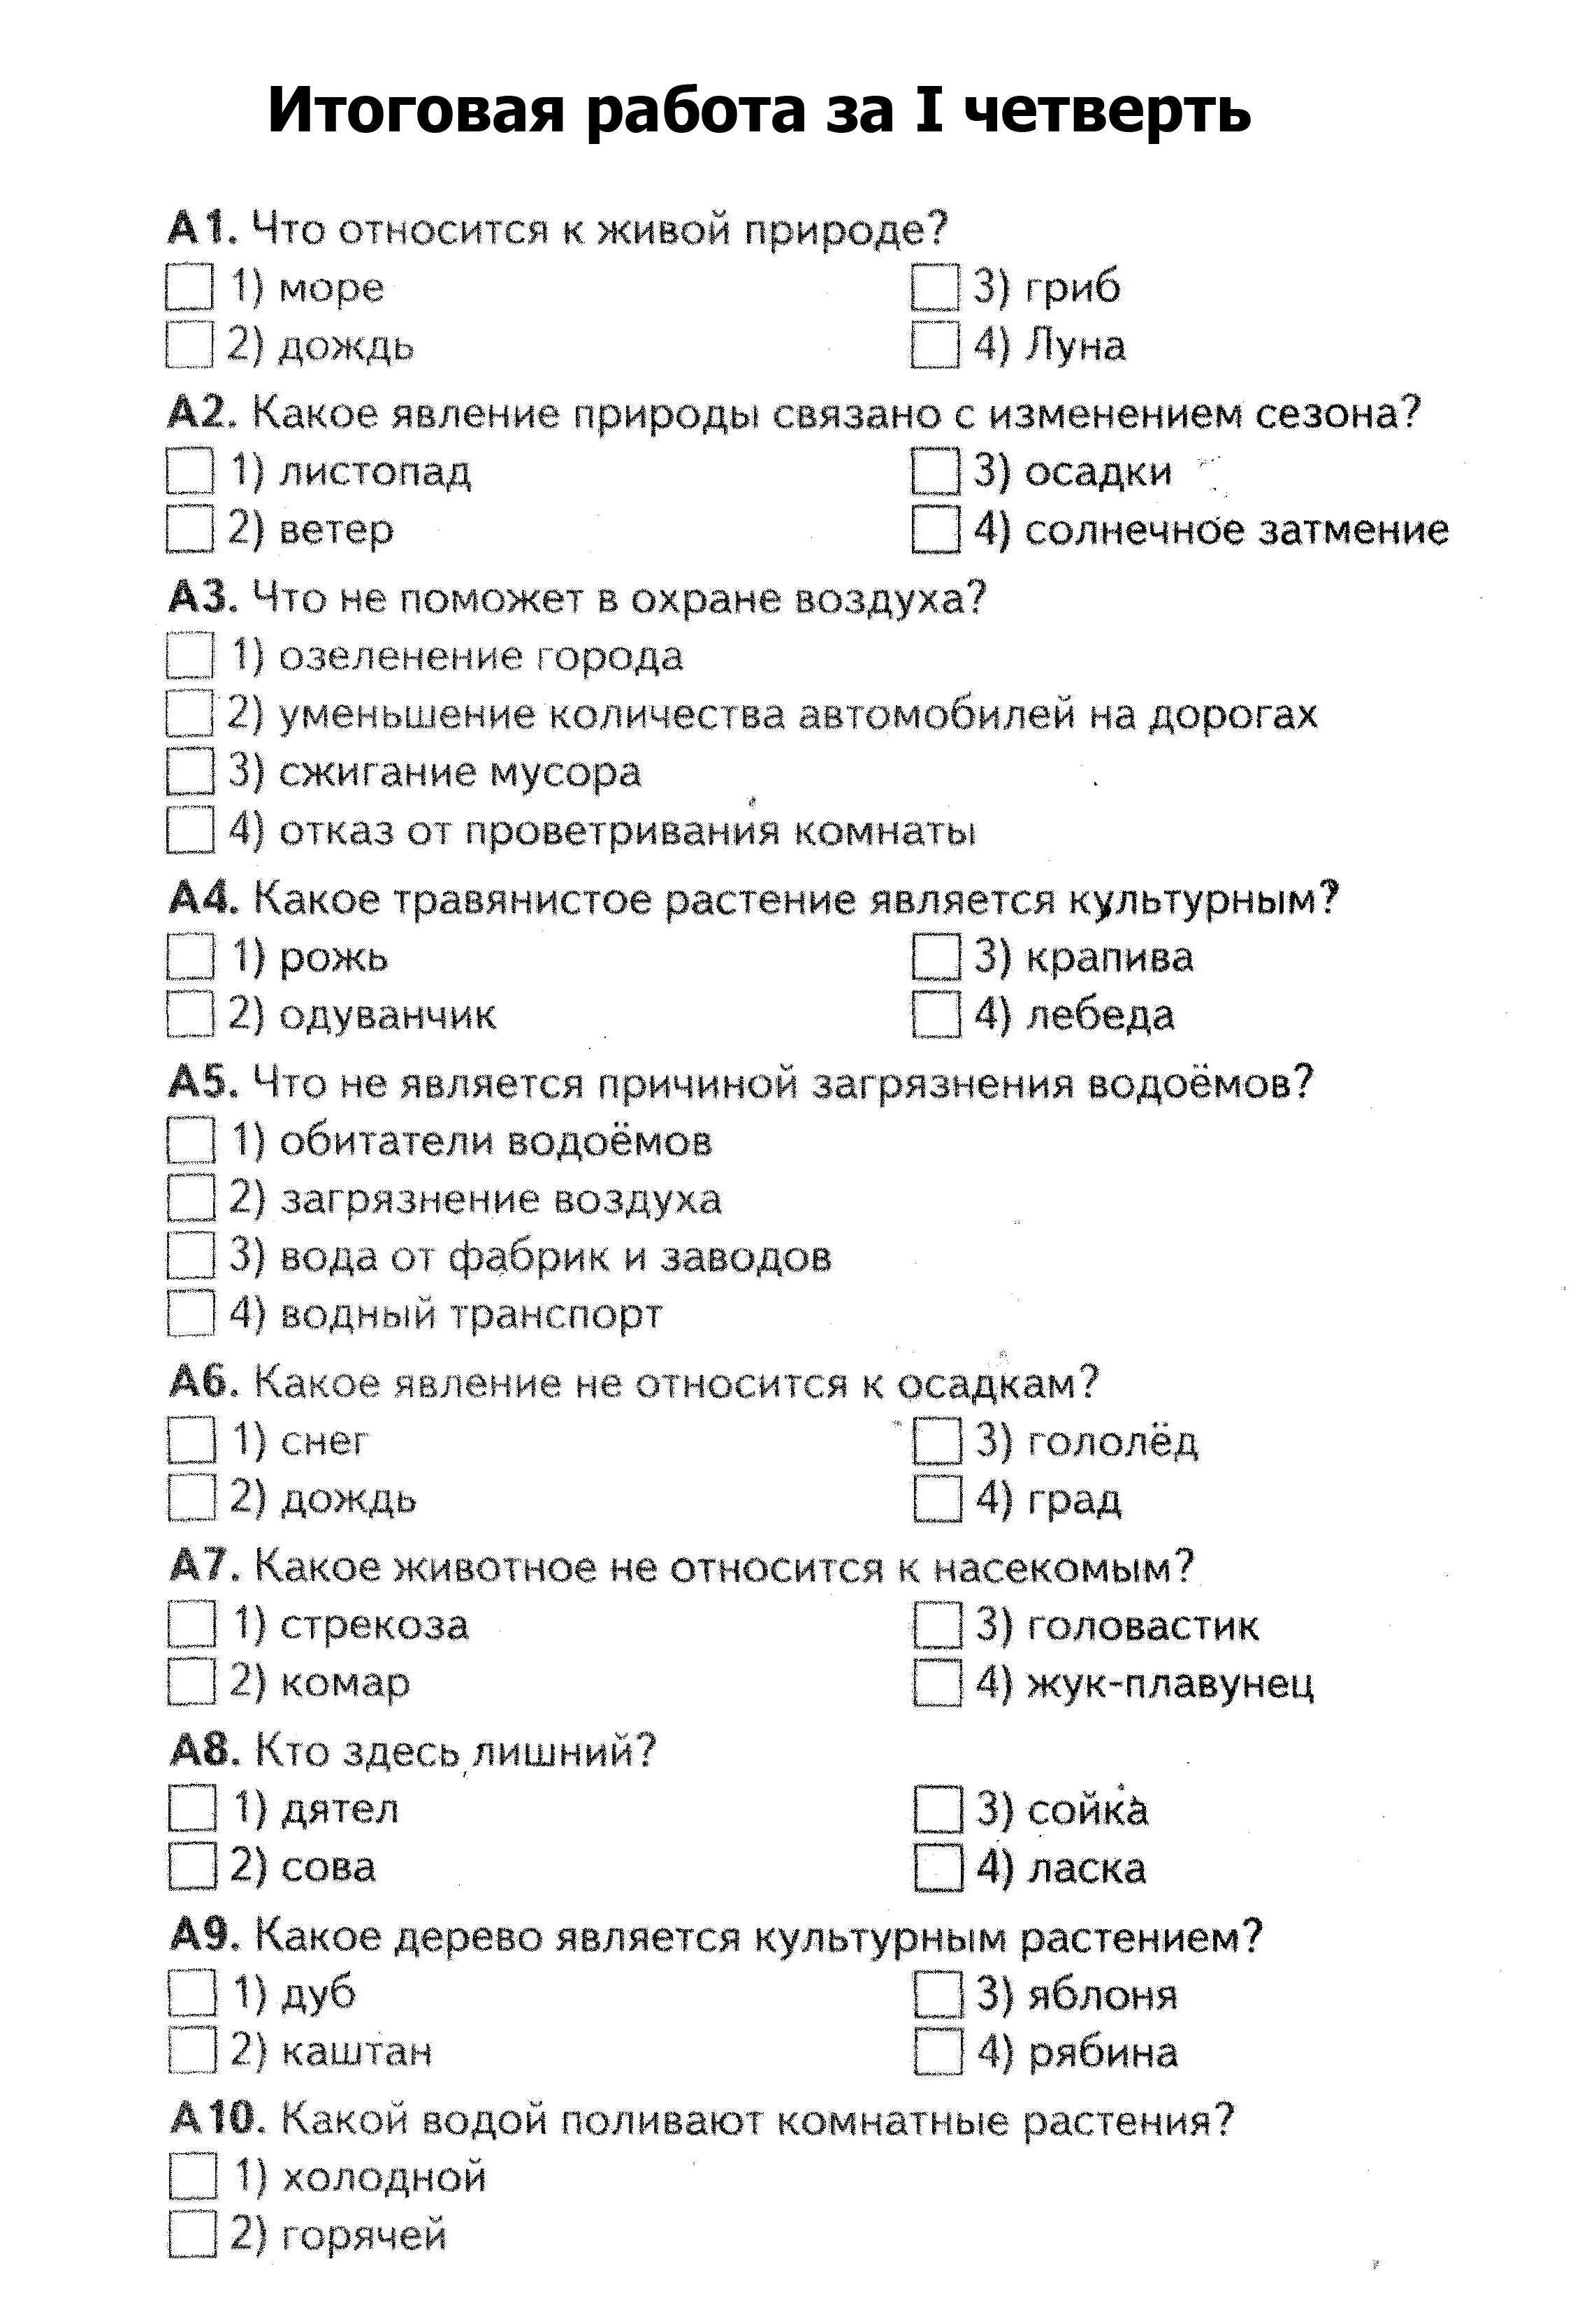 Вся домашняя работа по русскому языку тест 6 класс автор книгина часть 2 тест